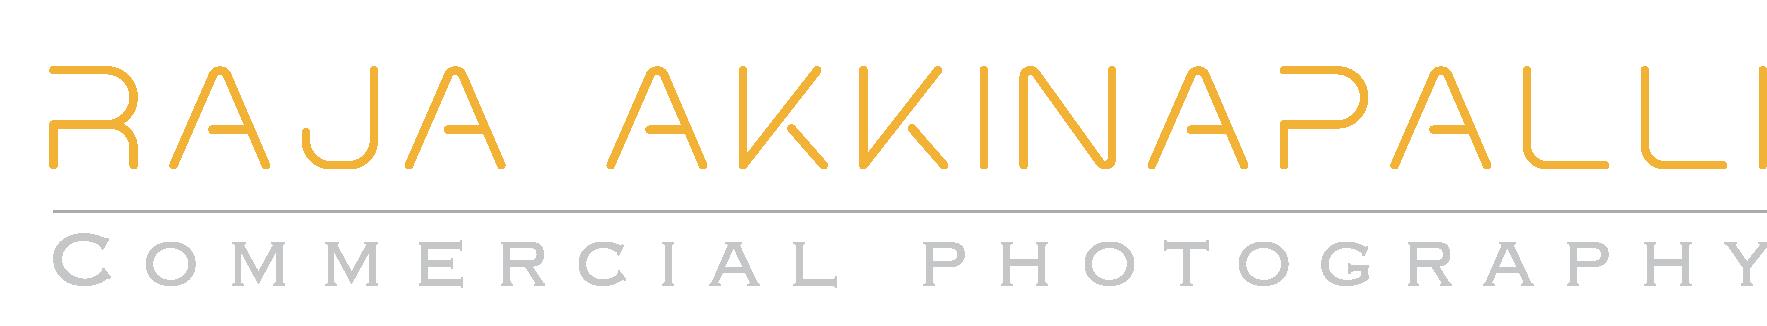 Raja Akkinapalli Photography